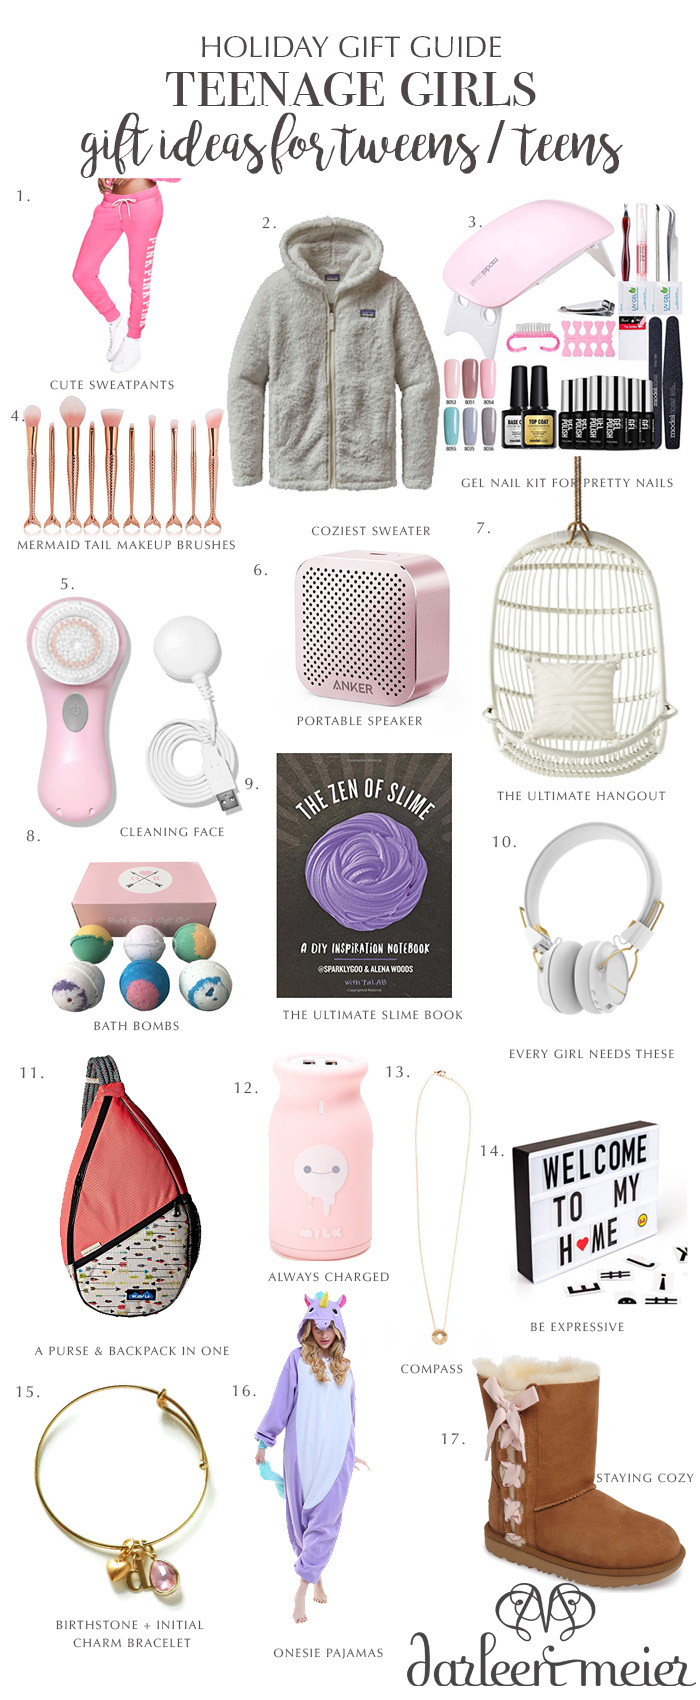 Teen girl gift suggestions